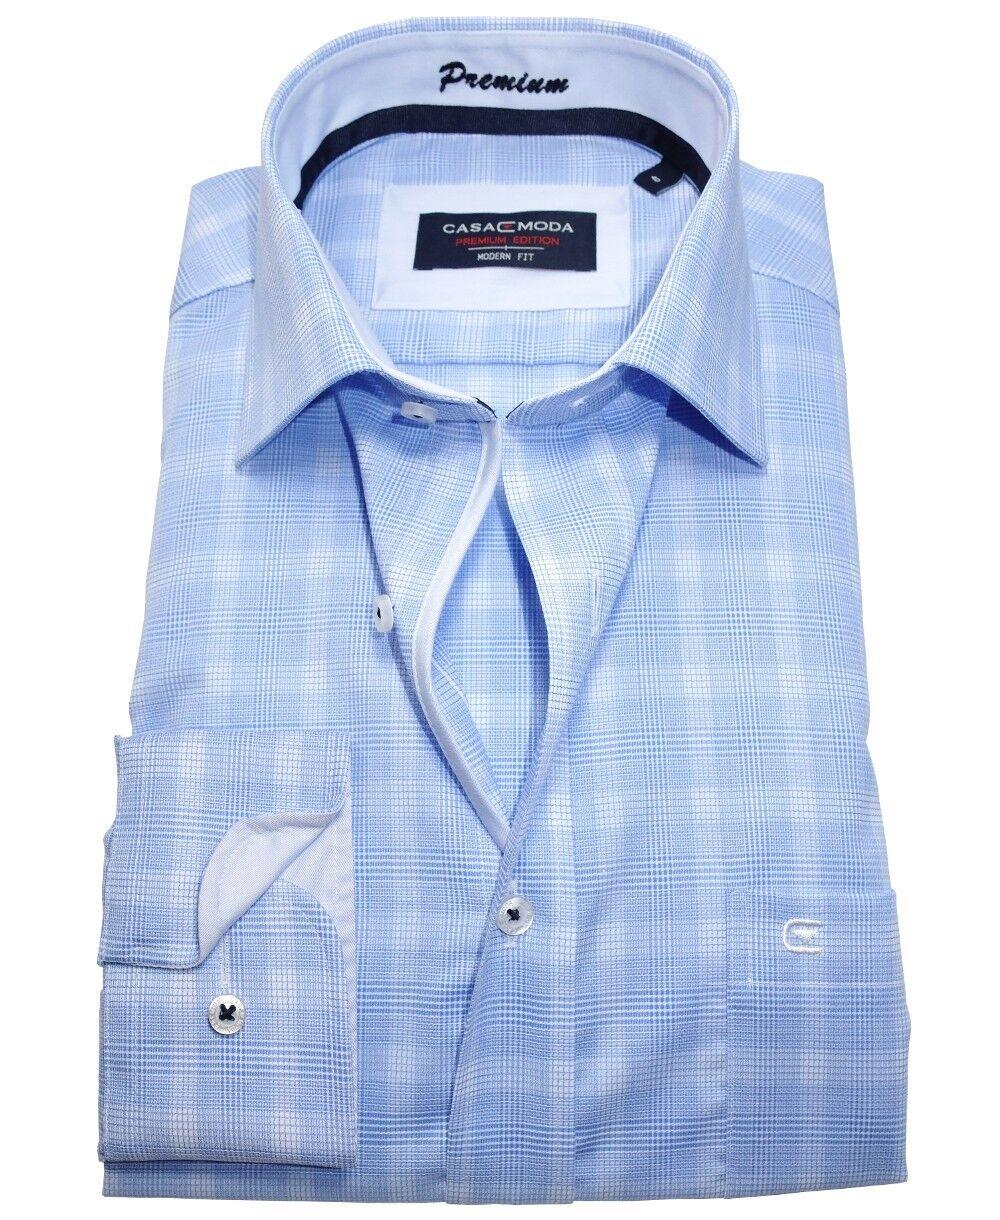 Casa Moda Modern Fit Premium Langarmhemd hellblue Strukturkaro Gr. 39 bis 48